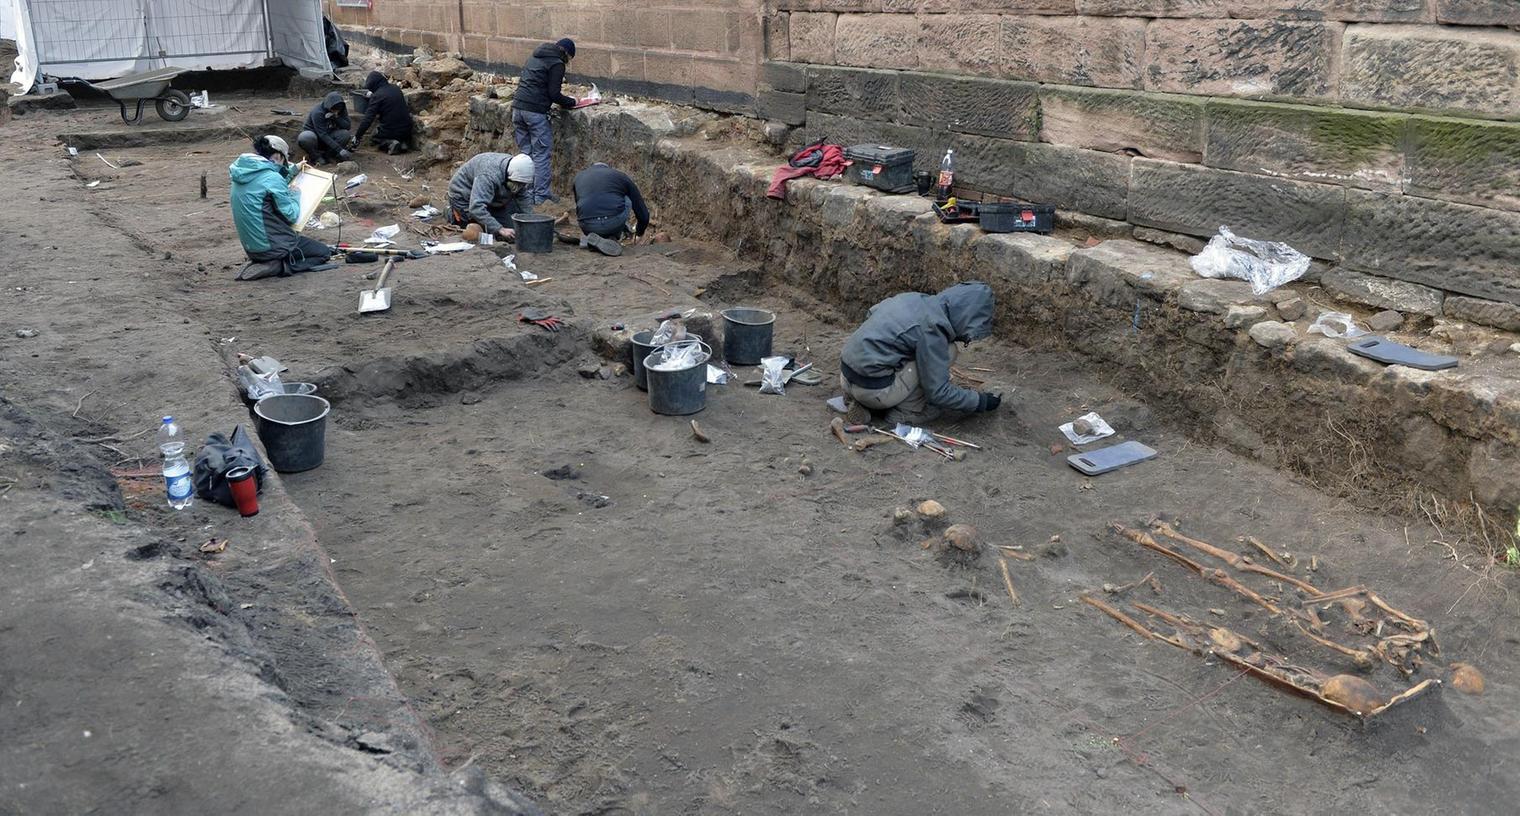 Im Zuge des Baus eines Gemeindezentrums neben der Brucker Kirche fand sich auch ein Gräberfeld. Derzeit wird nicht gebaut, sondern Archäologen unter Führung der örtlichen Grabungsleiterin Sarah Wolff sichten das Areal akribisch.